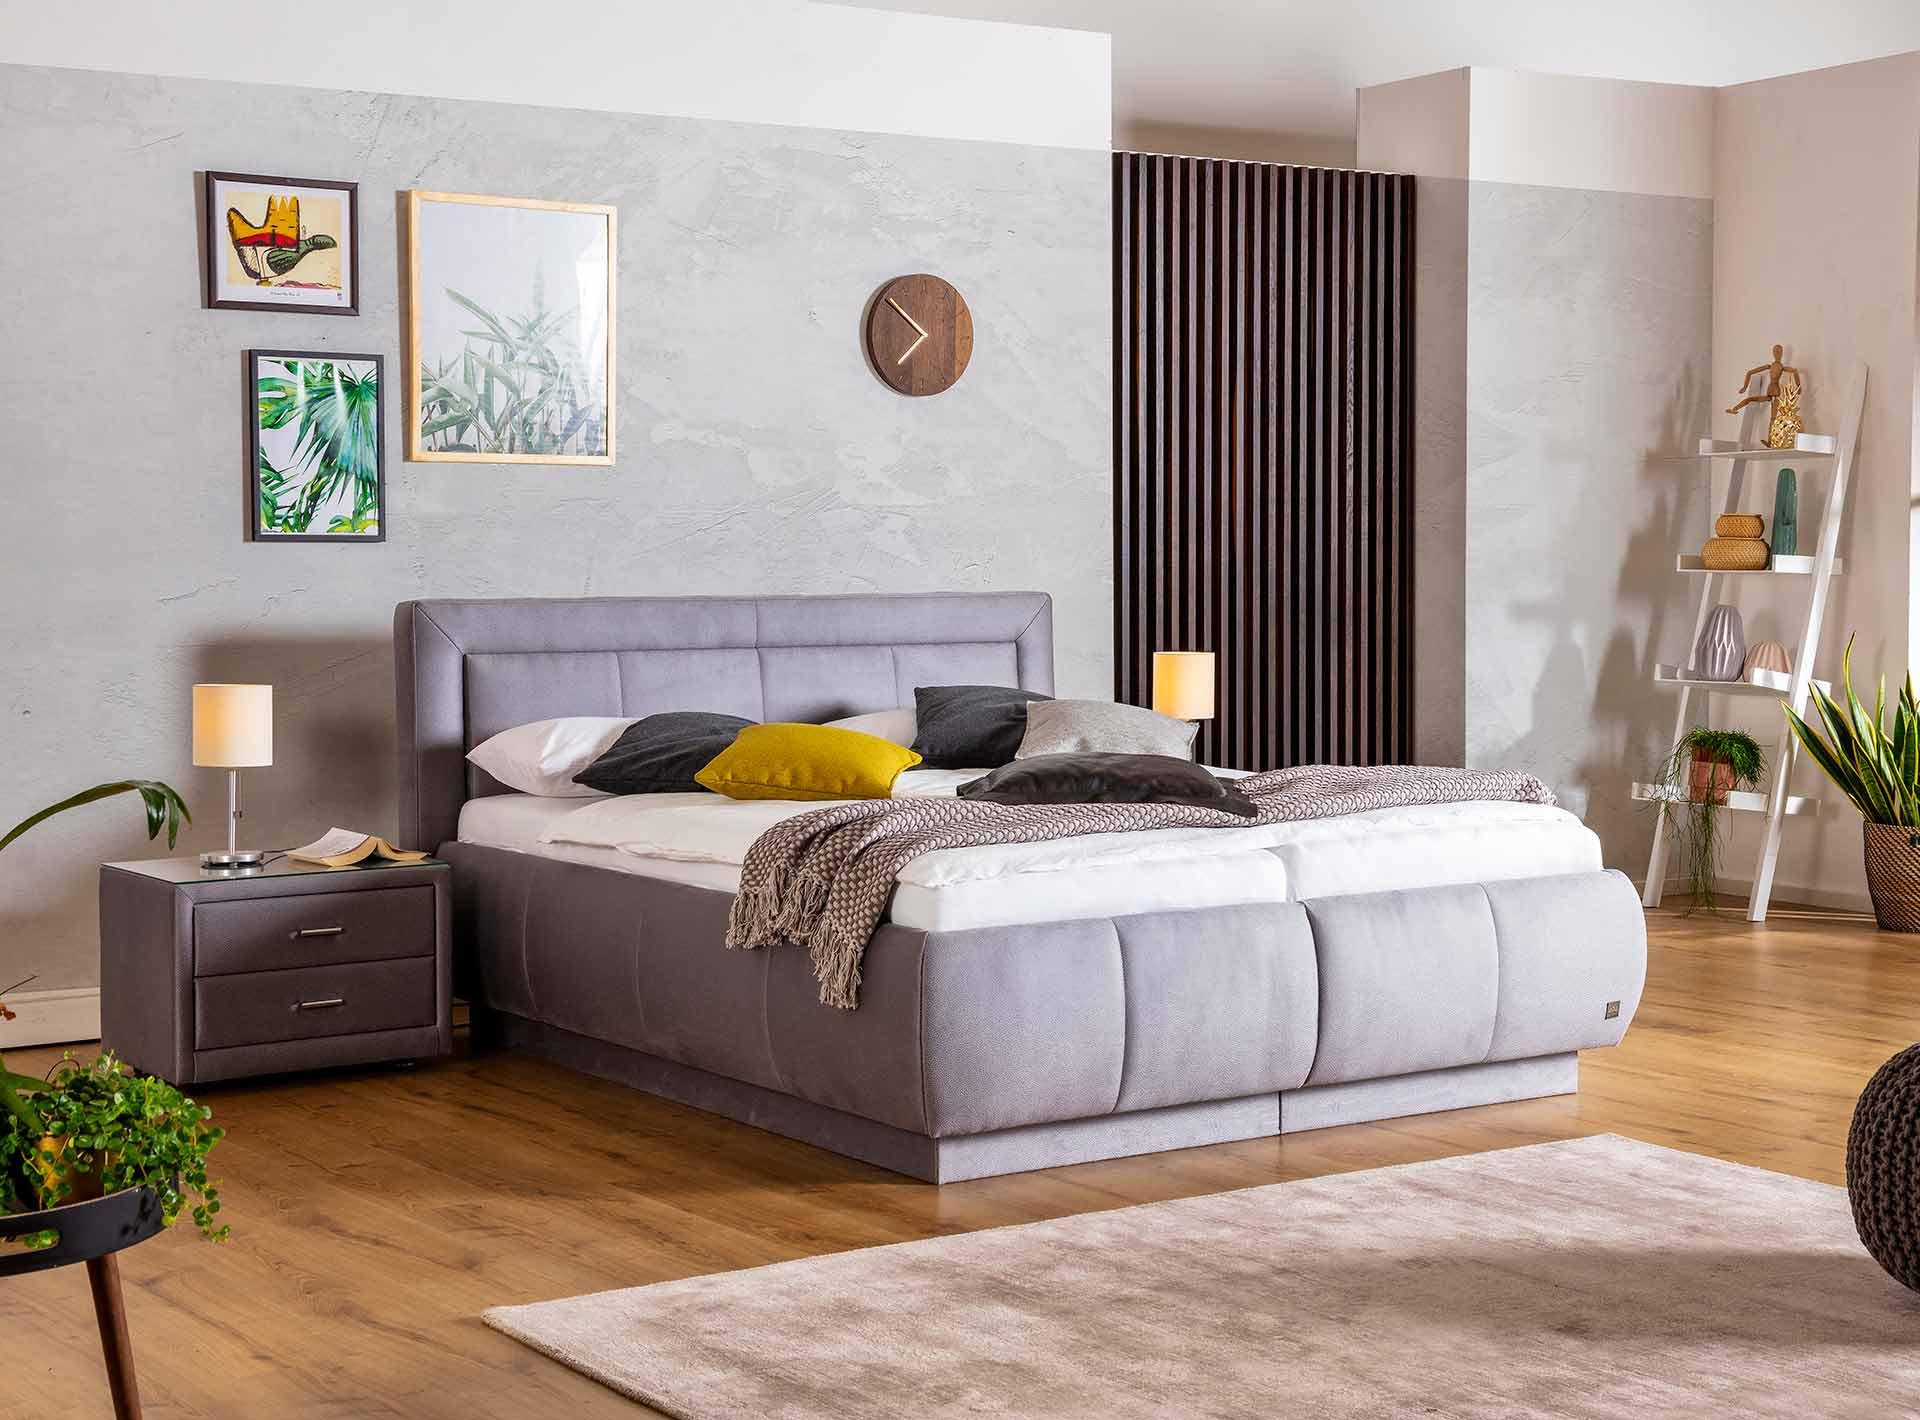 Full Size of Bett Modern Design Aus Stoff Bequem Betten Ikea 160x200 140x200 Weiß Lattenrost Günstiges 90x200 Küche Industriedesign Amazon 180x200 Paletten Kaufen Mit Bett Bett Modern Design